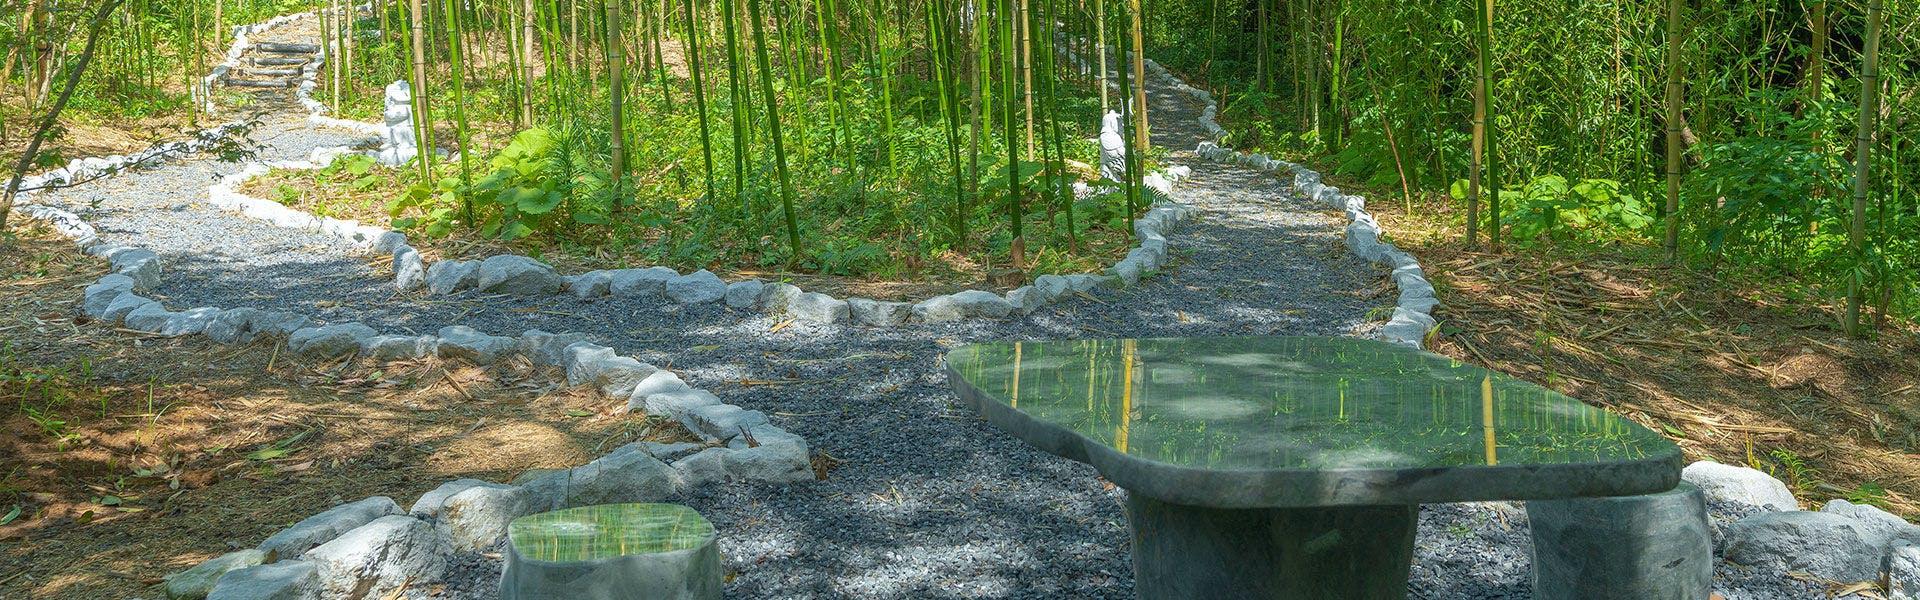 竹林の径と七福神めぐり